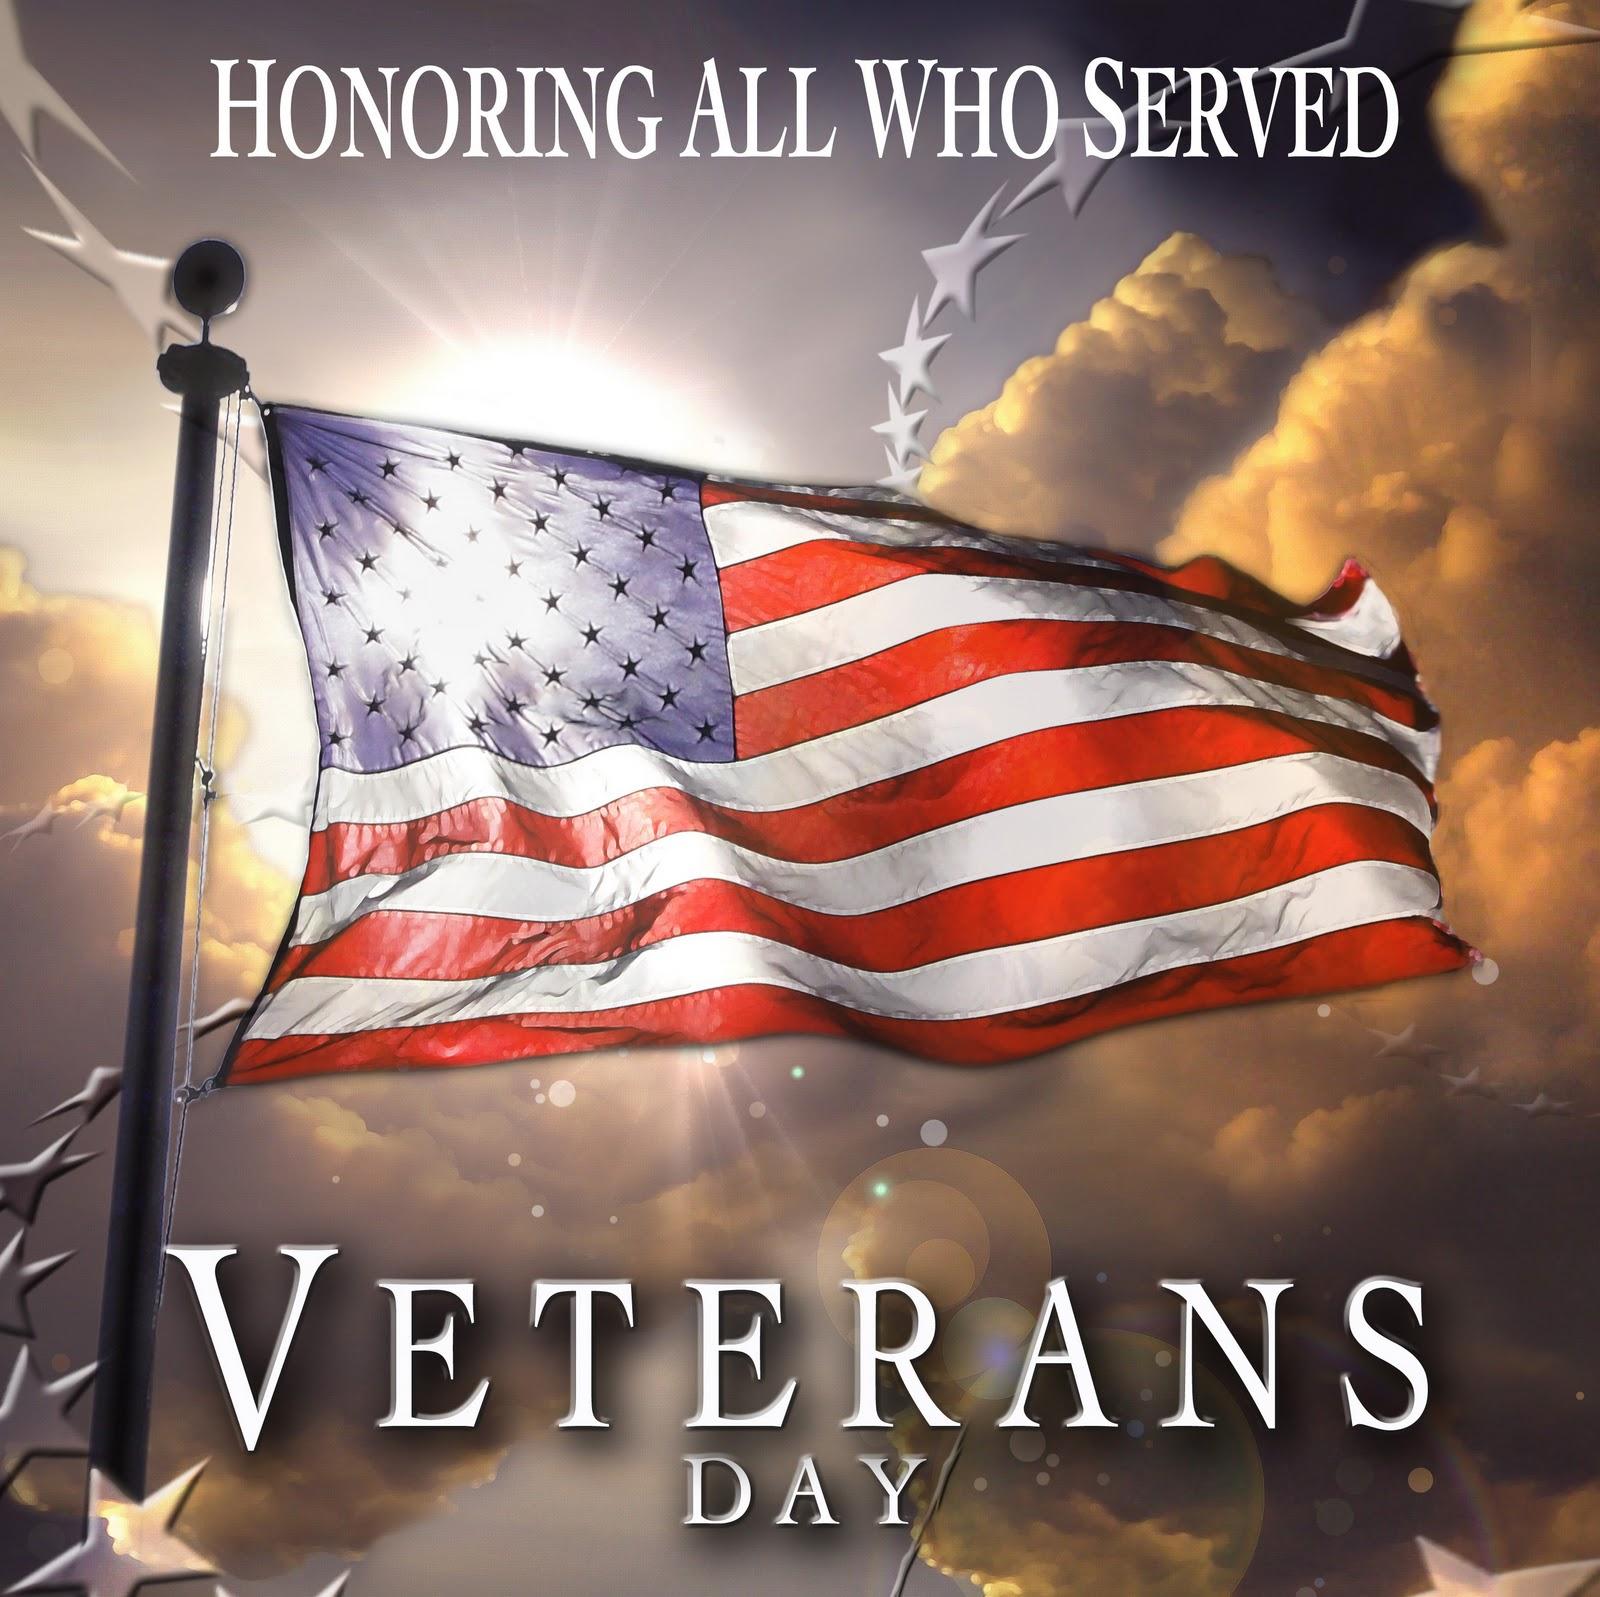 Veterans Day Meme